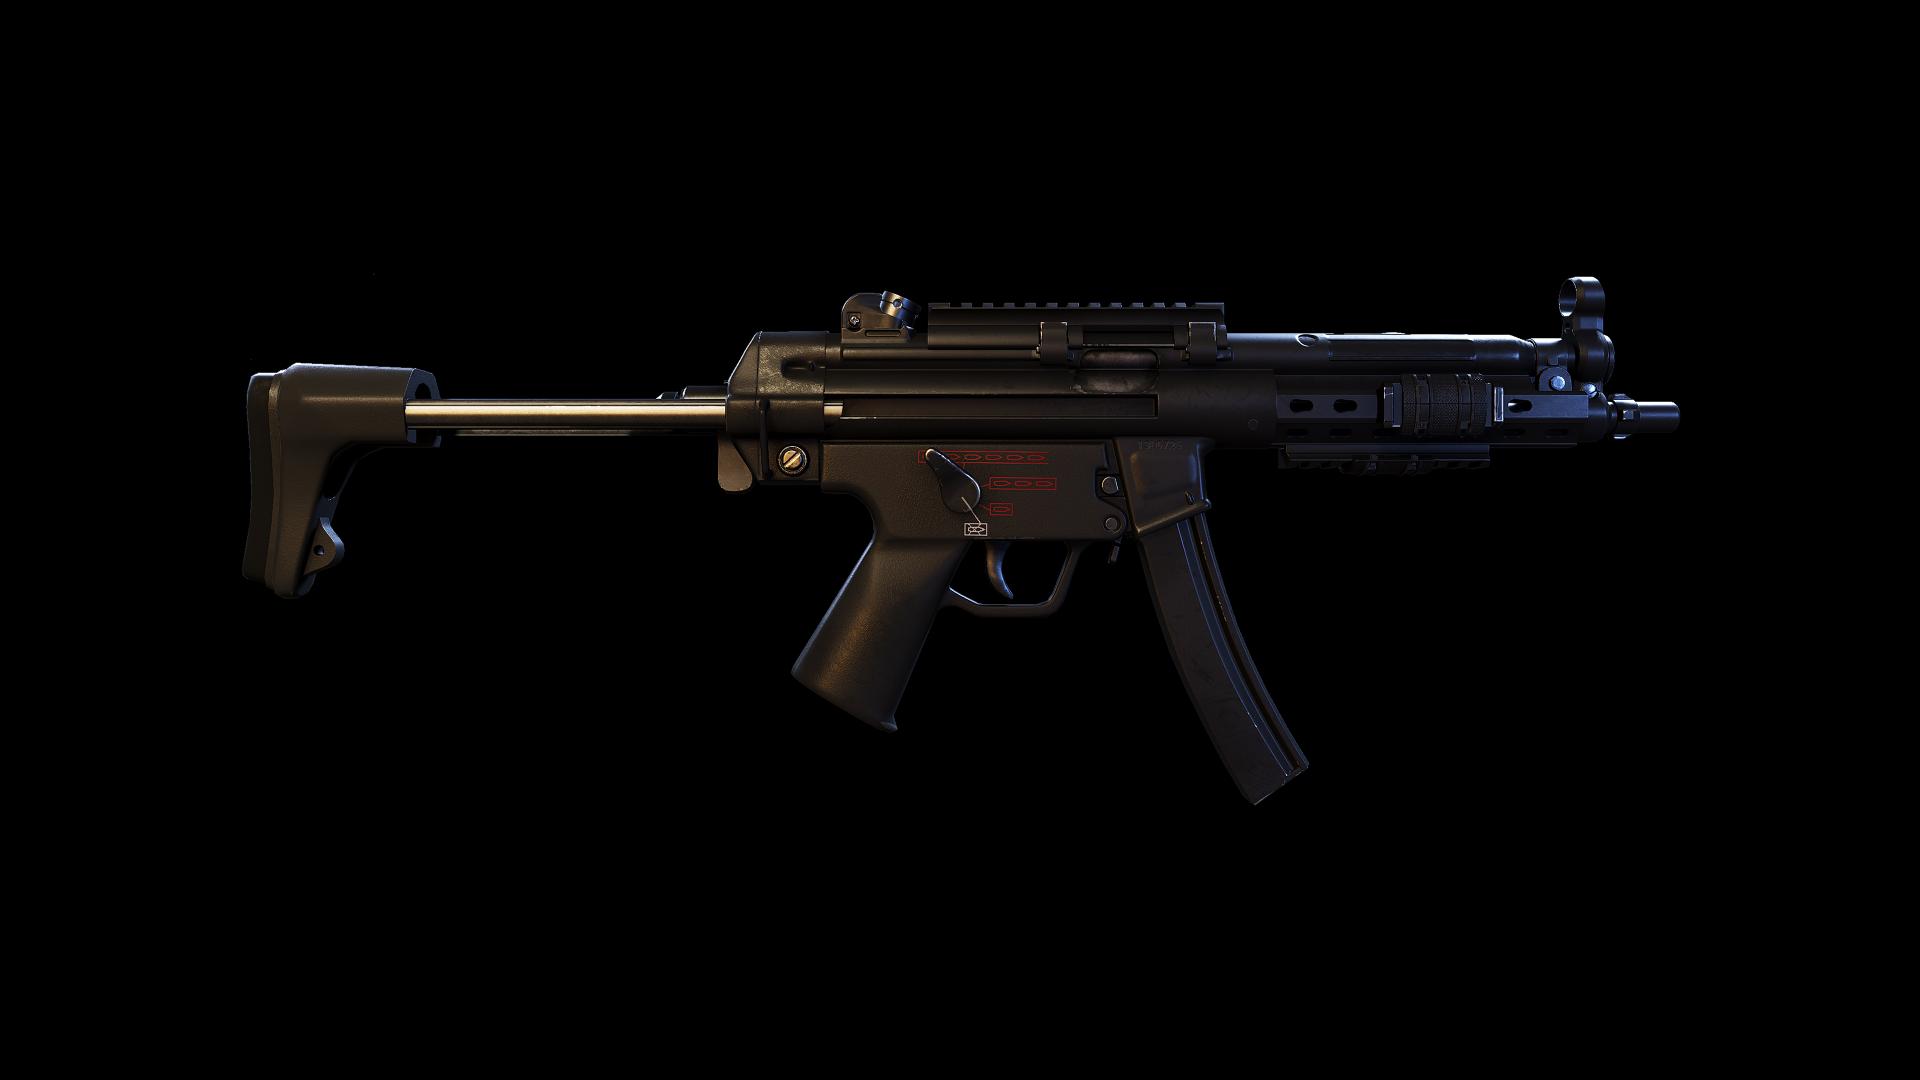 MP5/Ghost Recon Wildlands